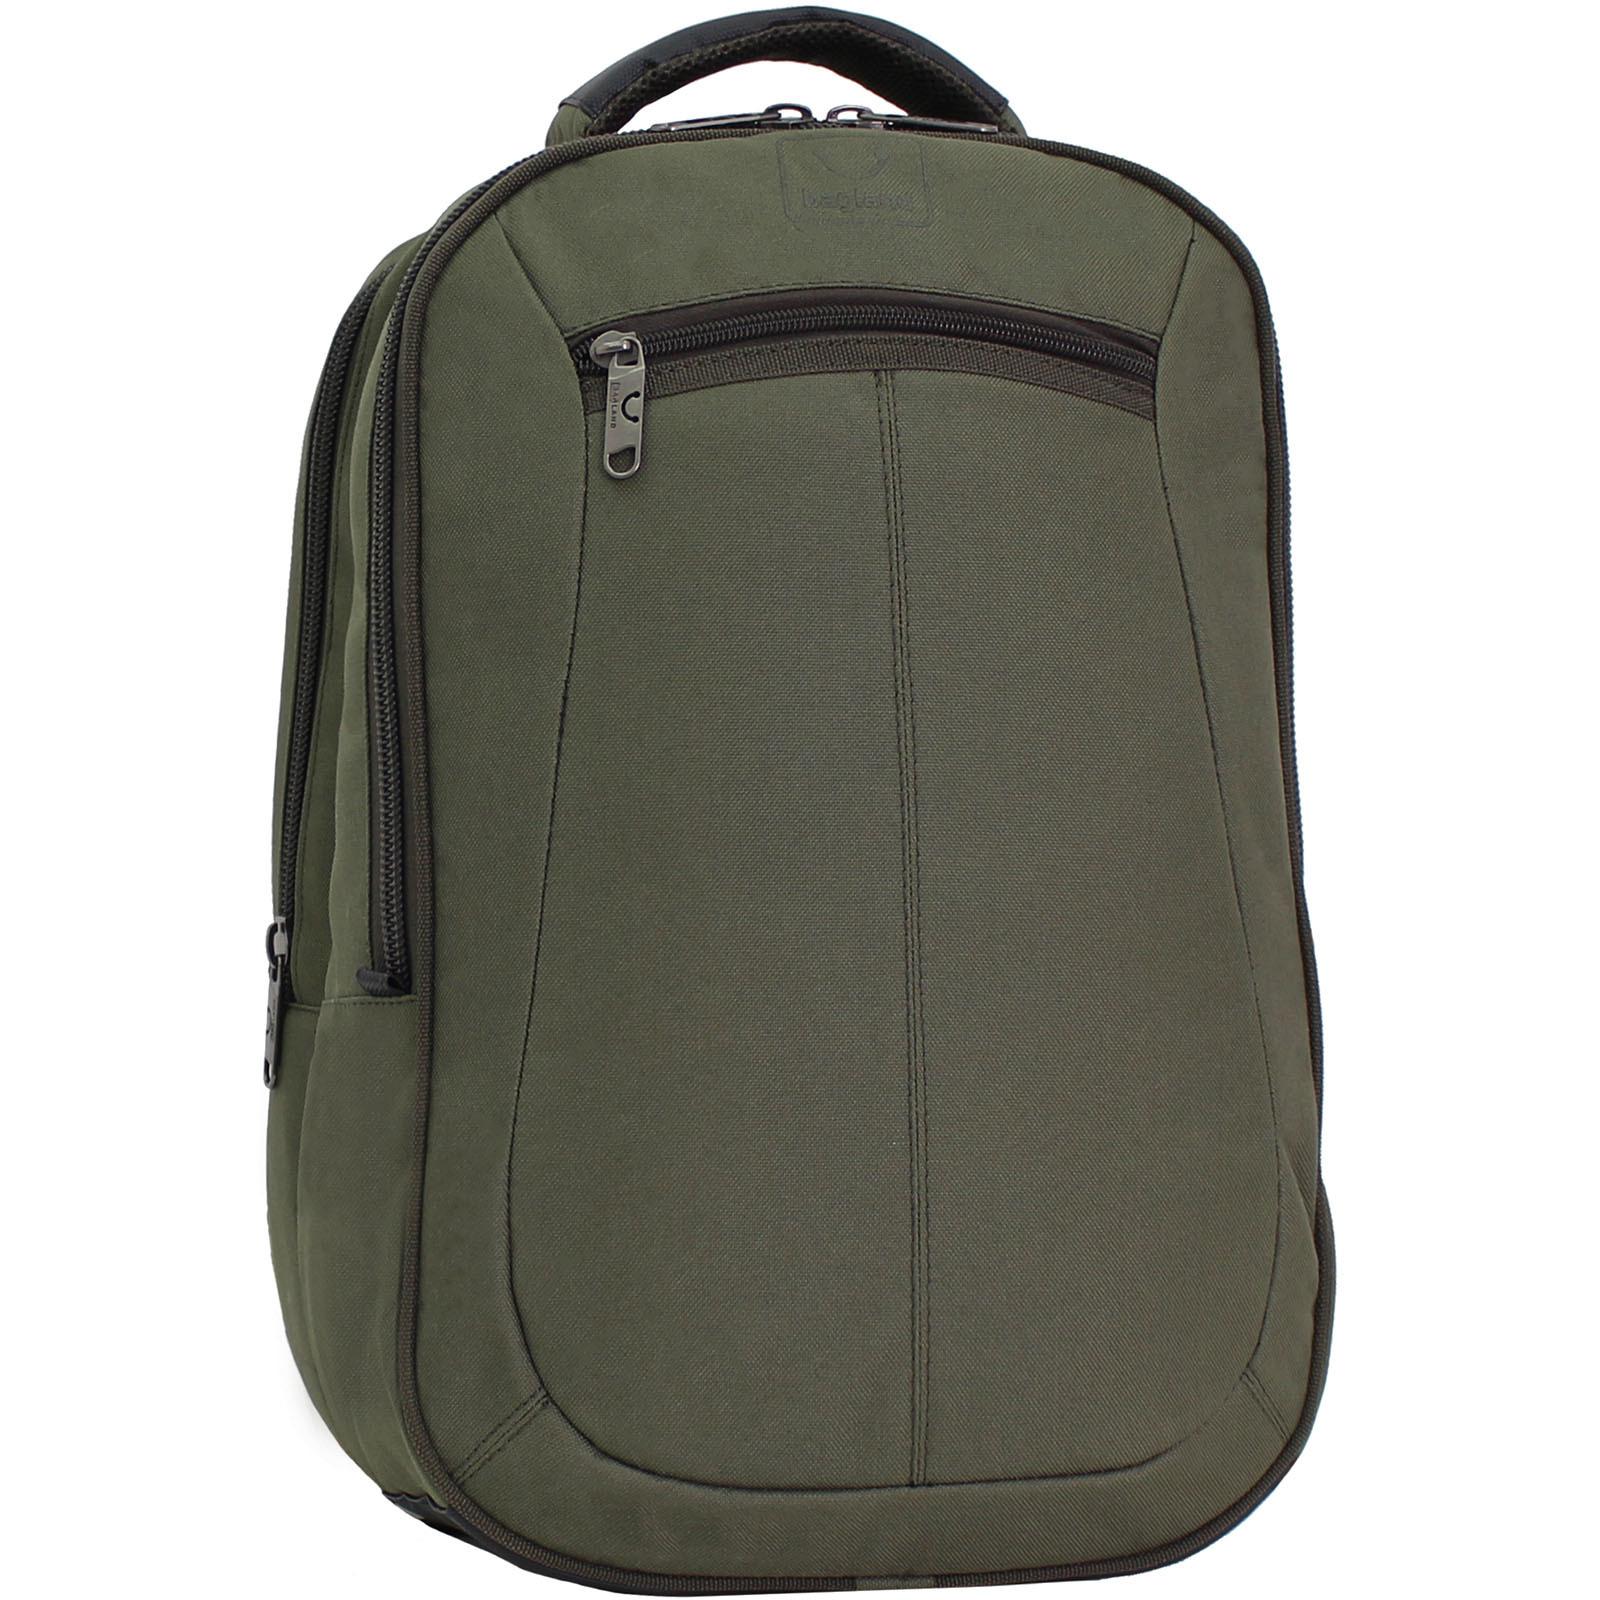 Рюкзаки для ноутбука Рюкзак для ноутбука Bagland Рюкзак под ноутбук 536 22 л. Хаки (0053666) IMG_9932.JPG